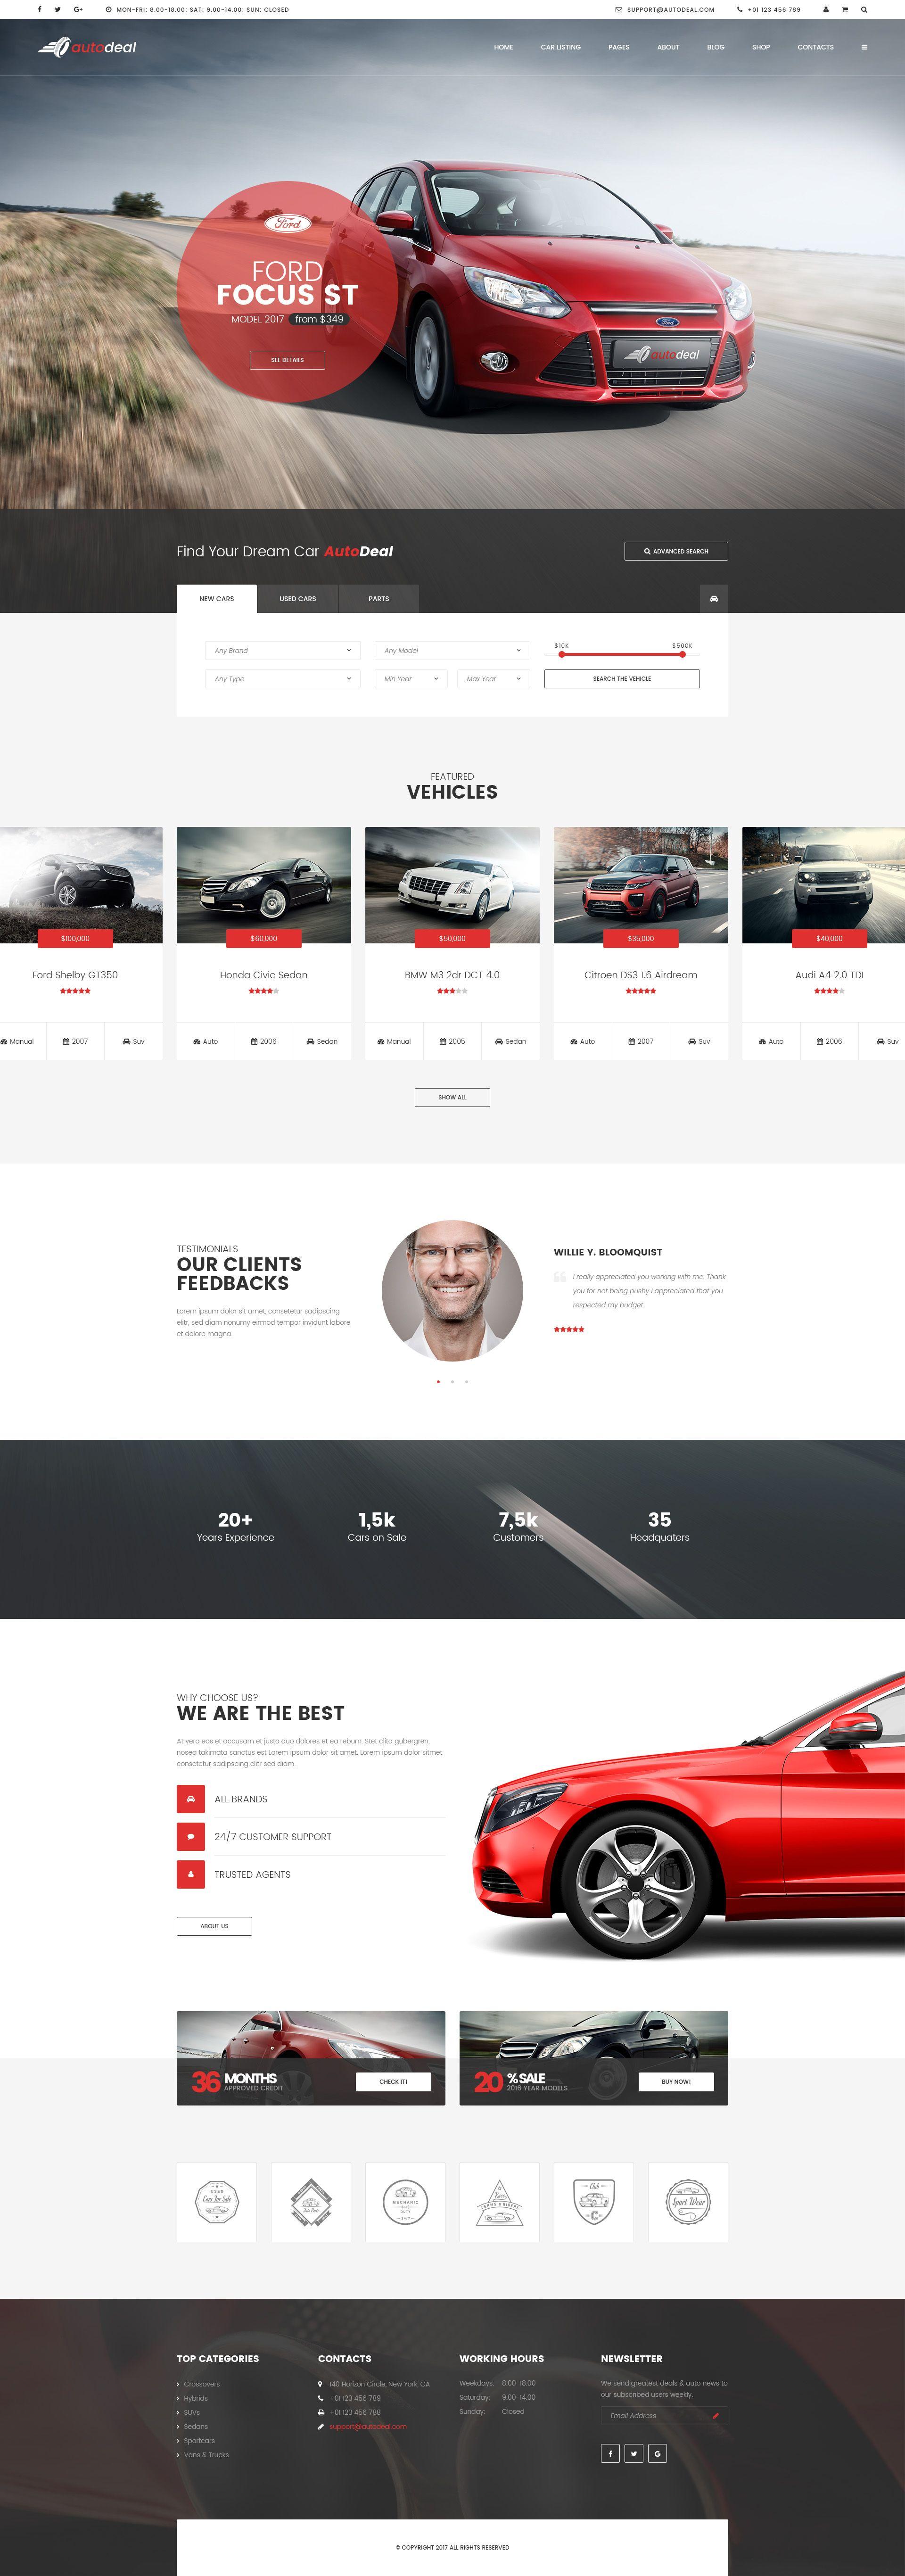 AutoDeal - Car Retail PSD template   Vivir